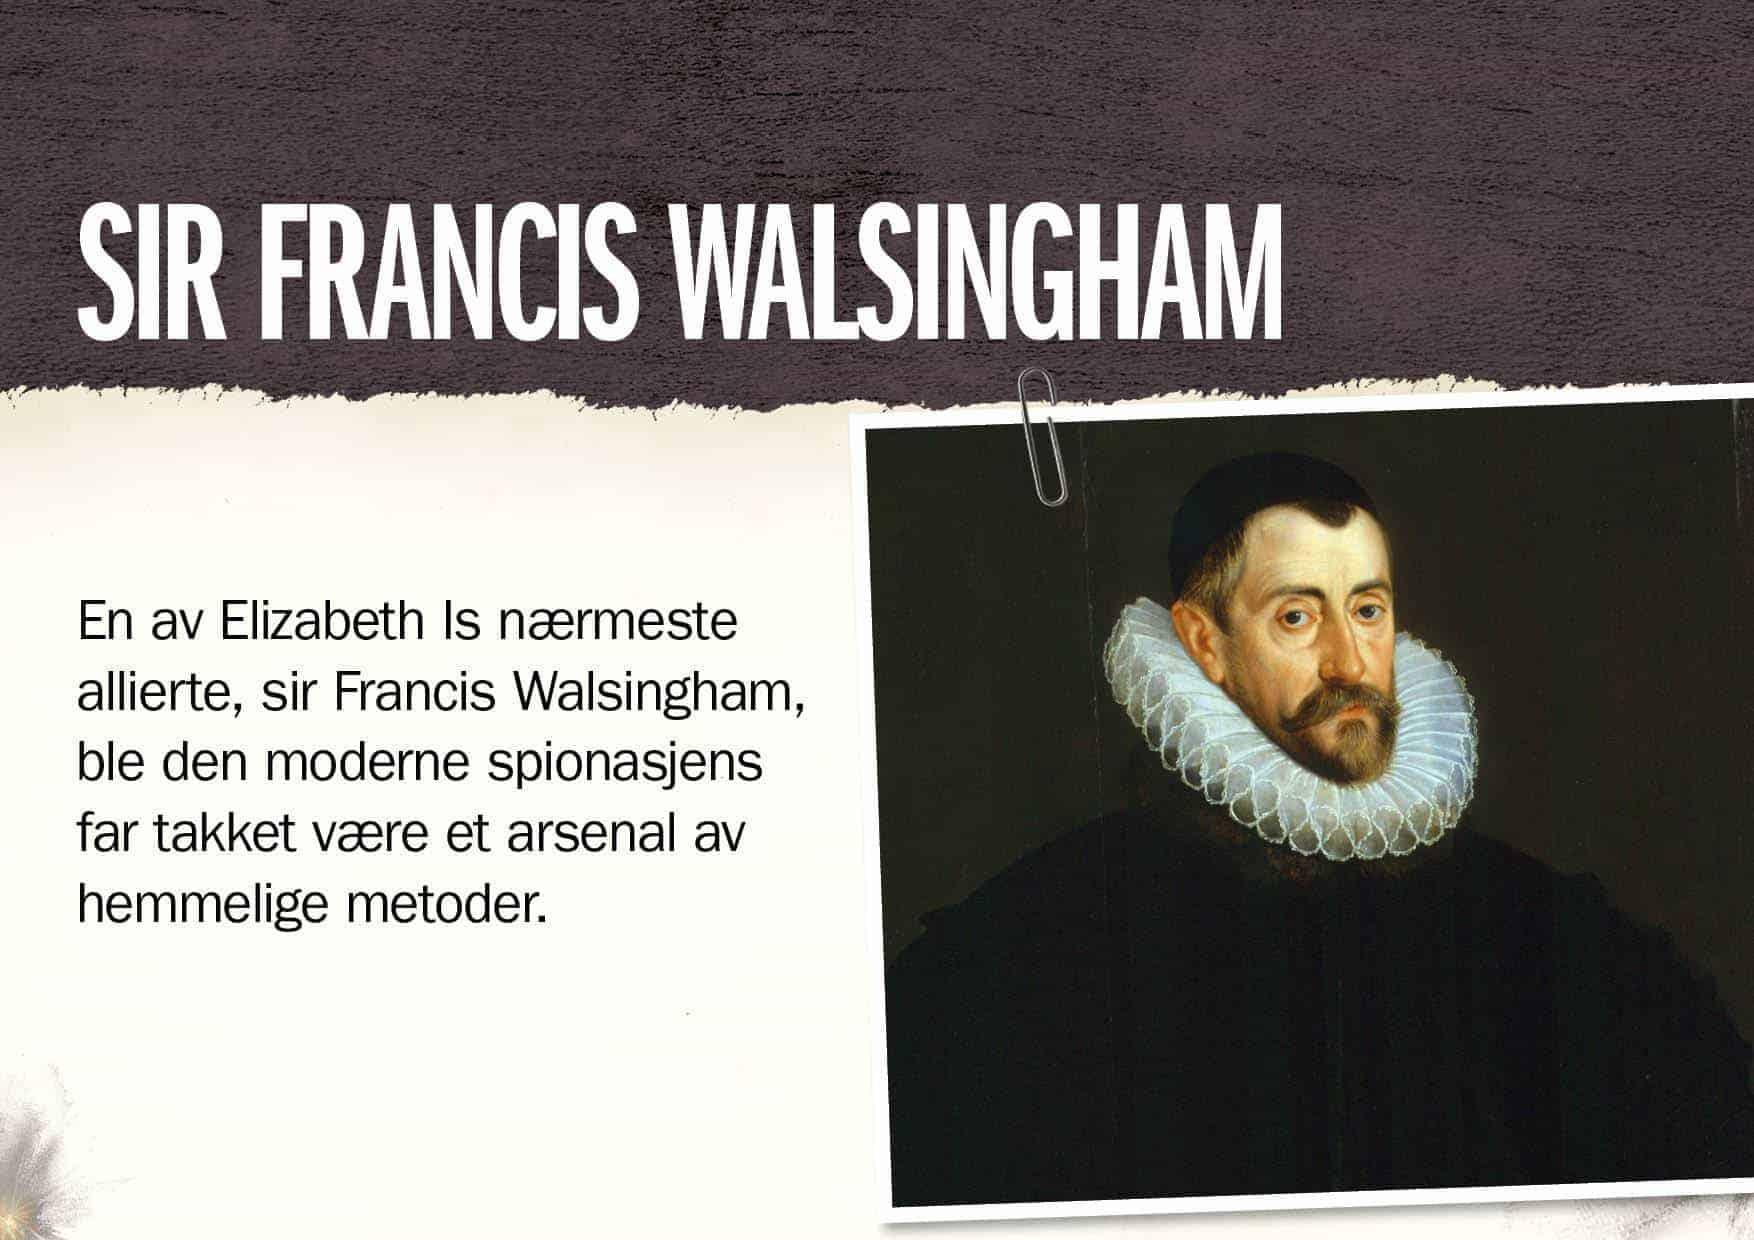 Superspioner: Sir Francis Walsingham